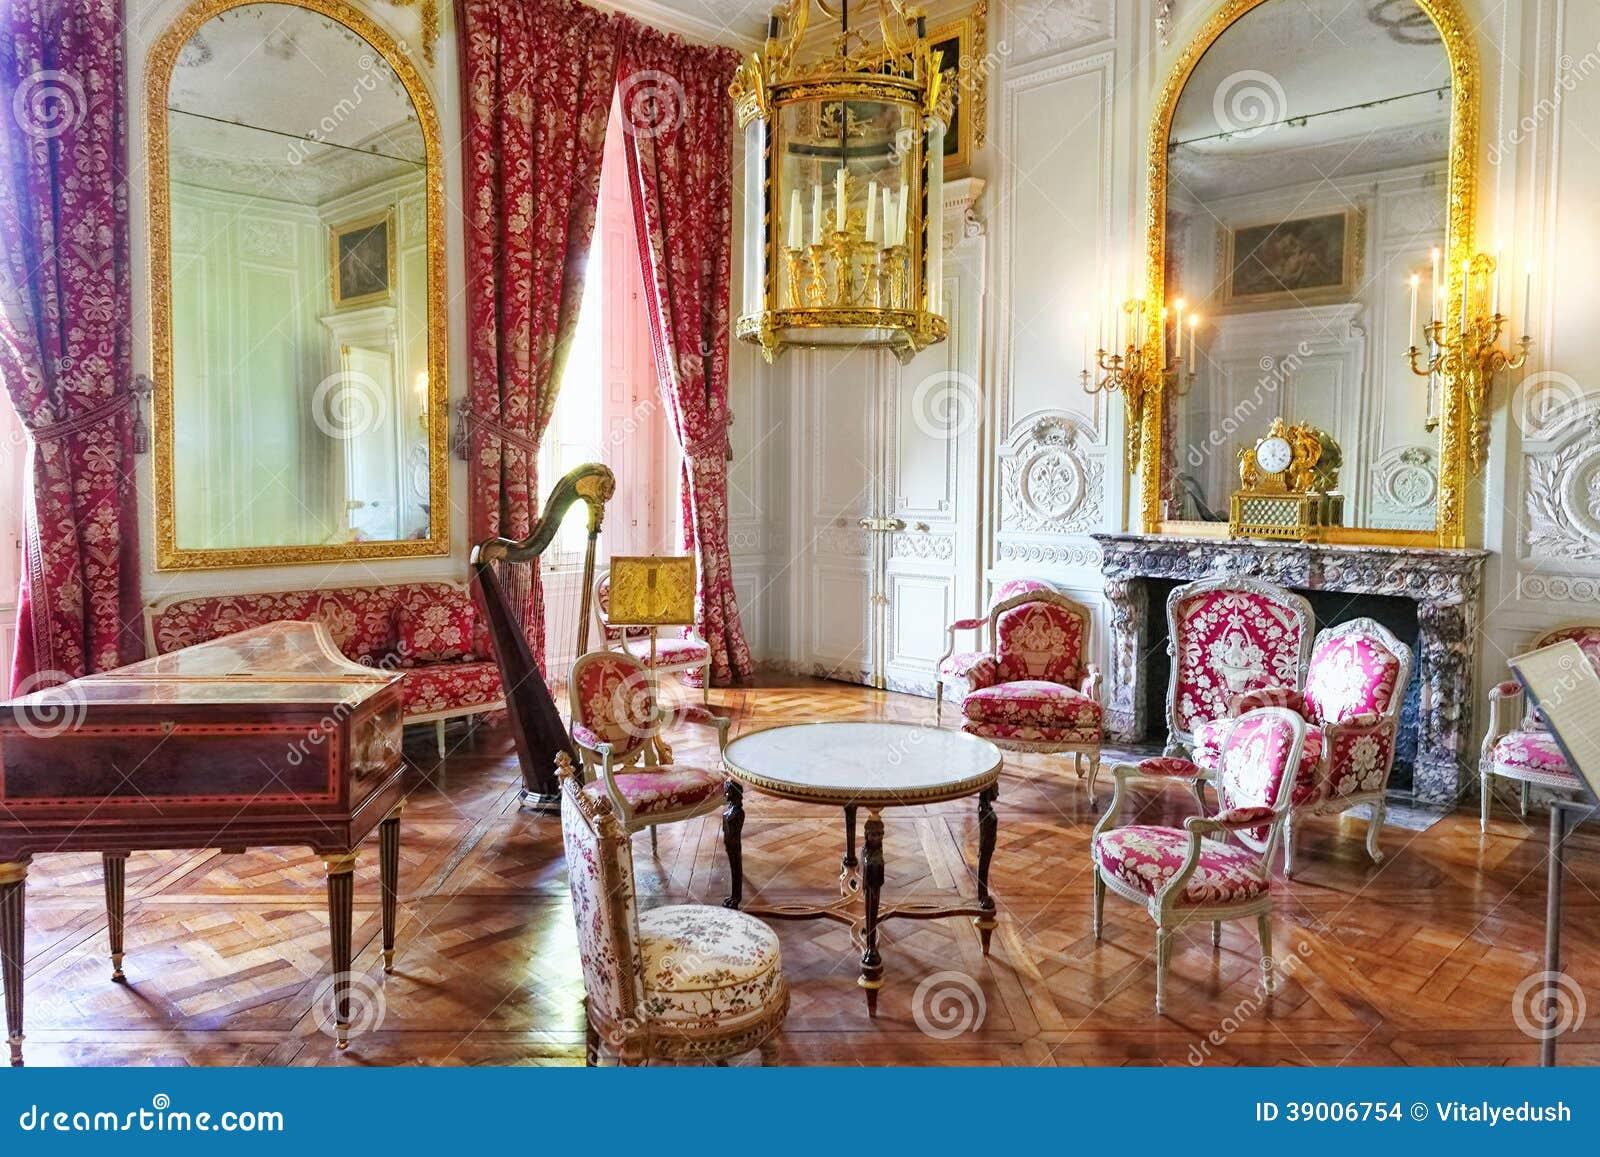 Ch teau int rieur de versailles paris france photo for France interieur